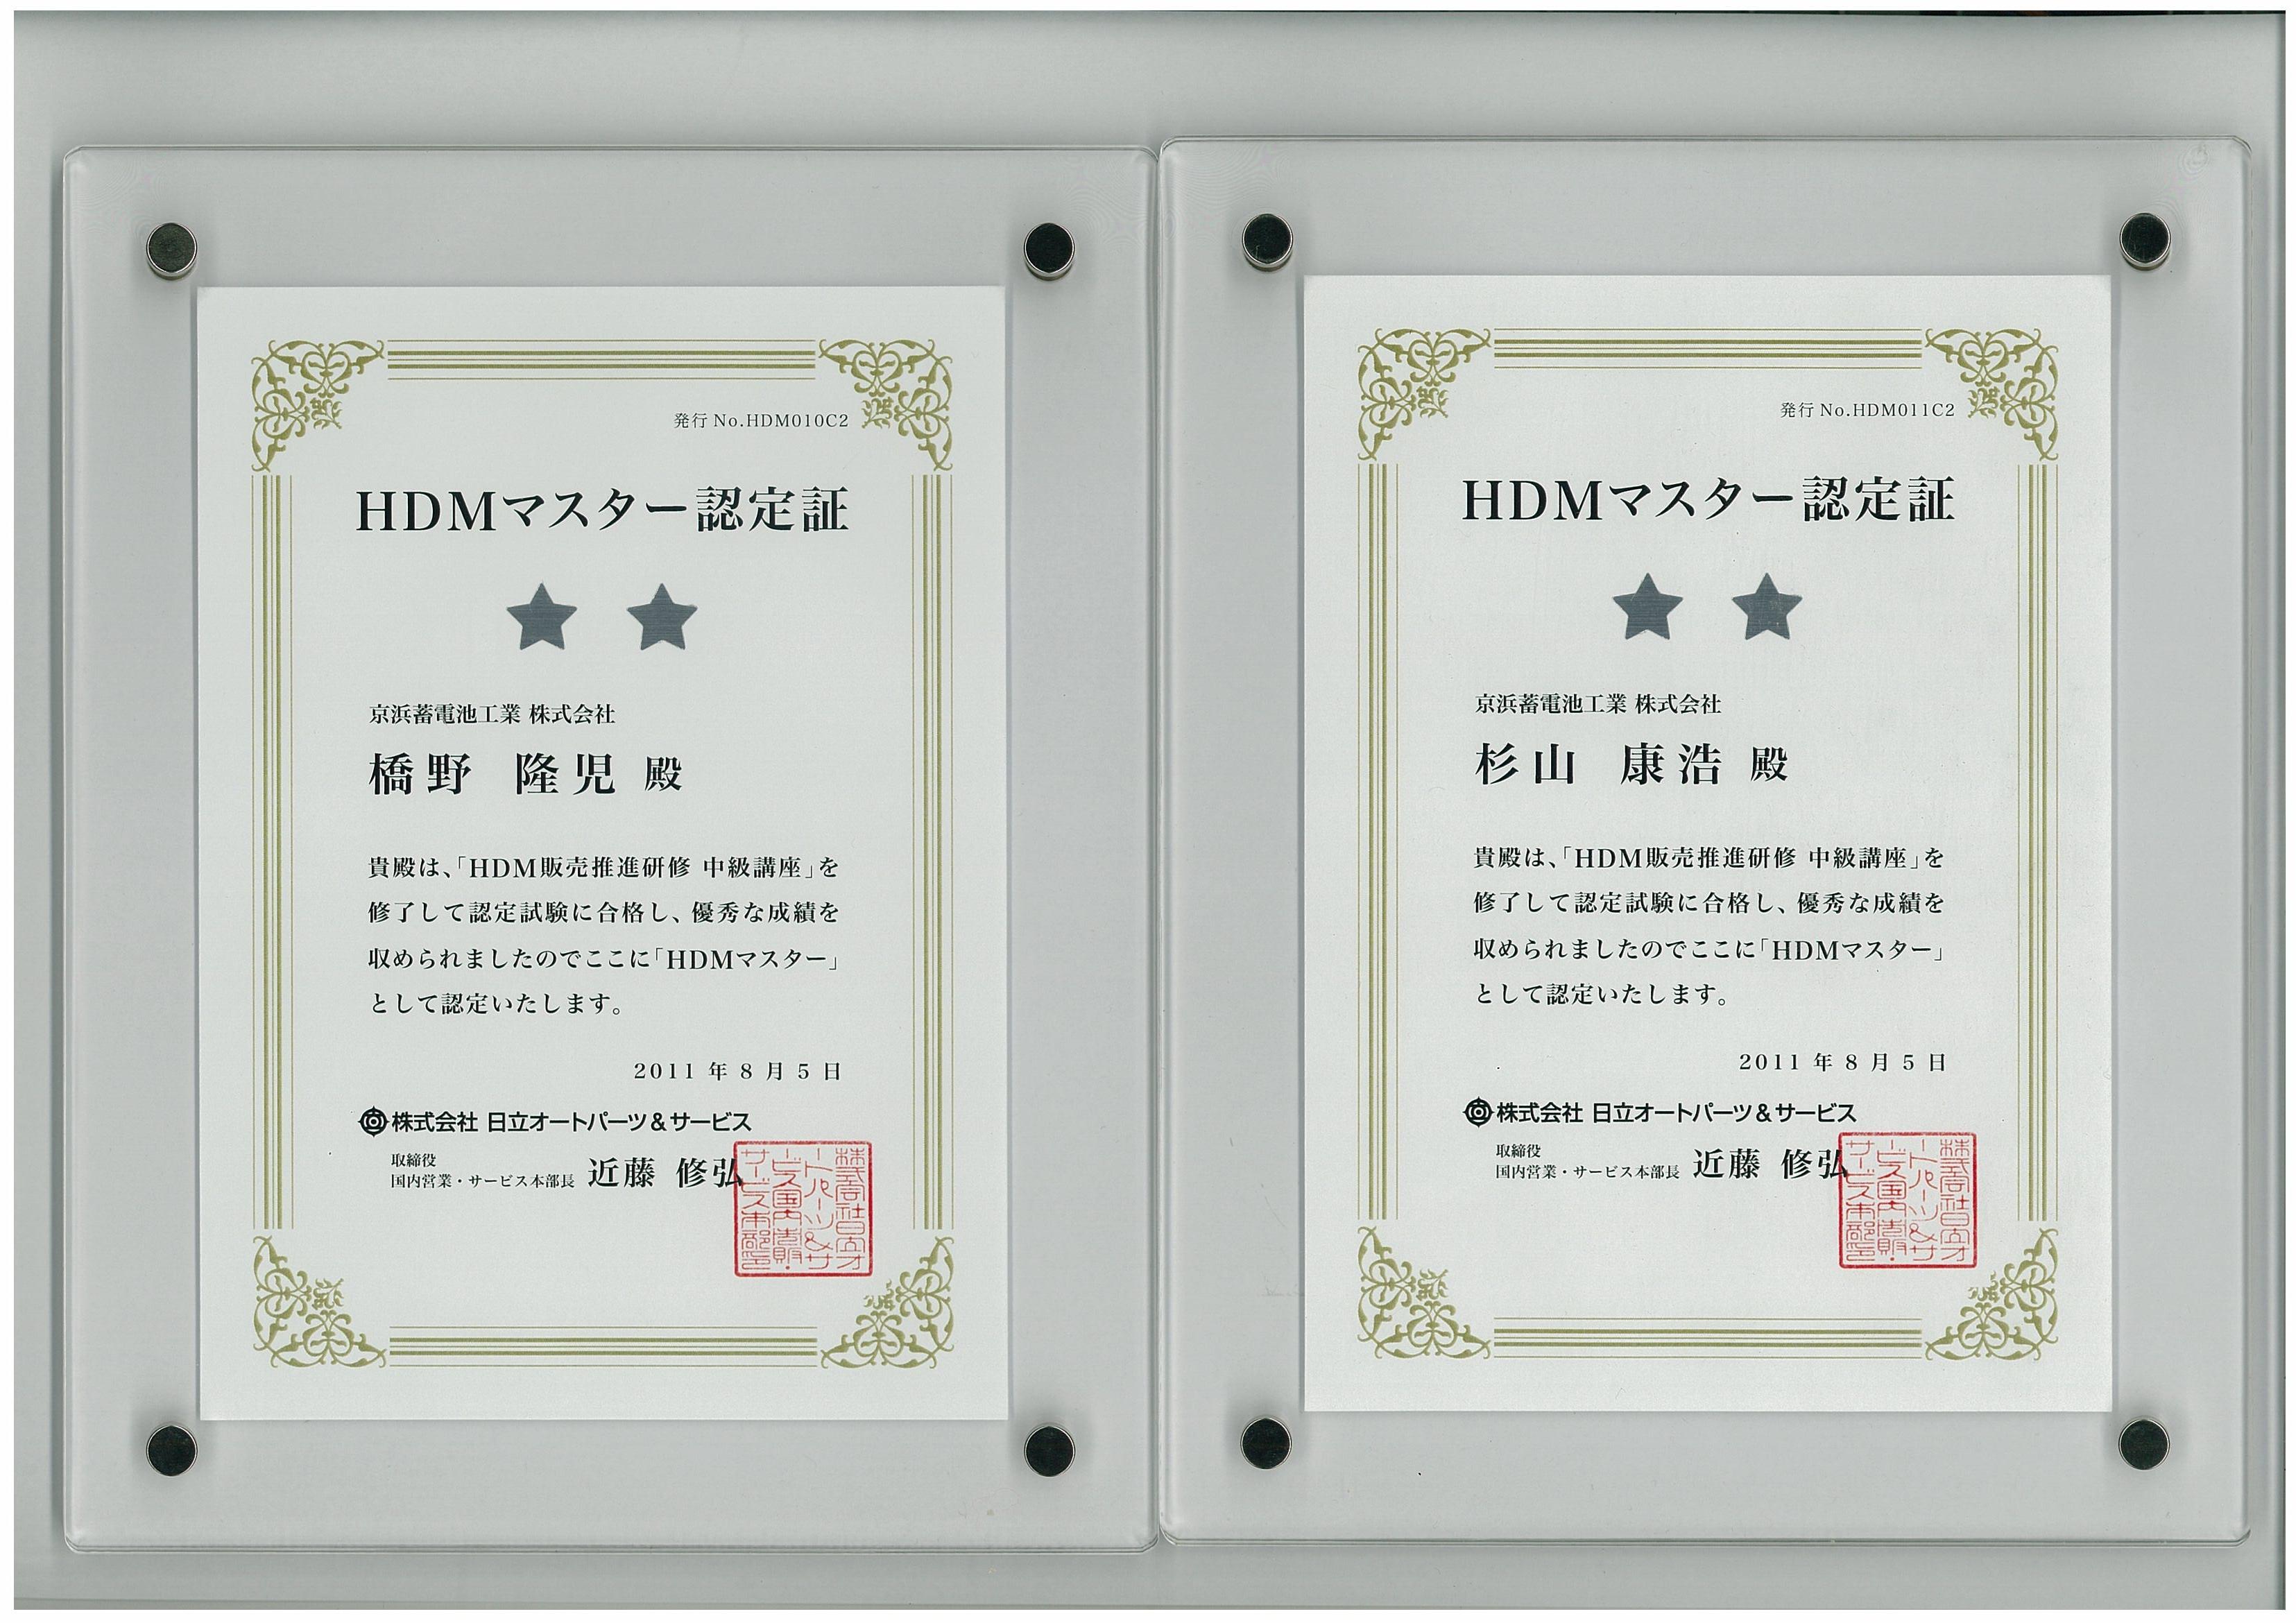 日立ダイアグモニタ 『HDMマスター』を 認定!!